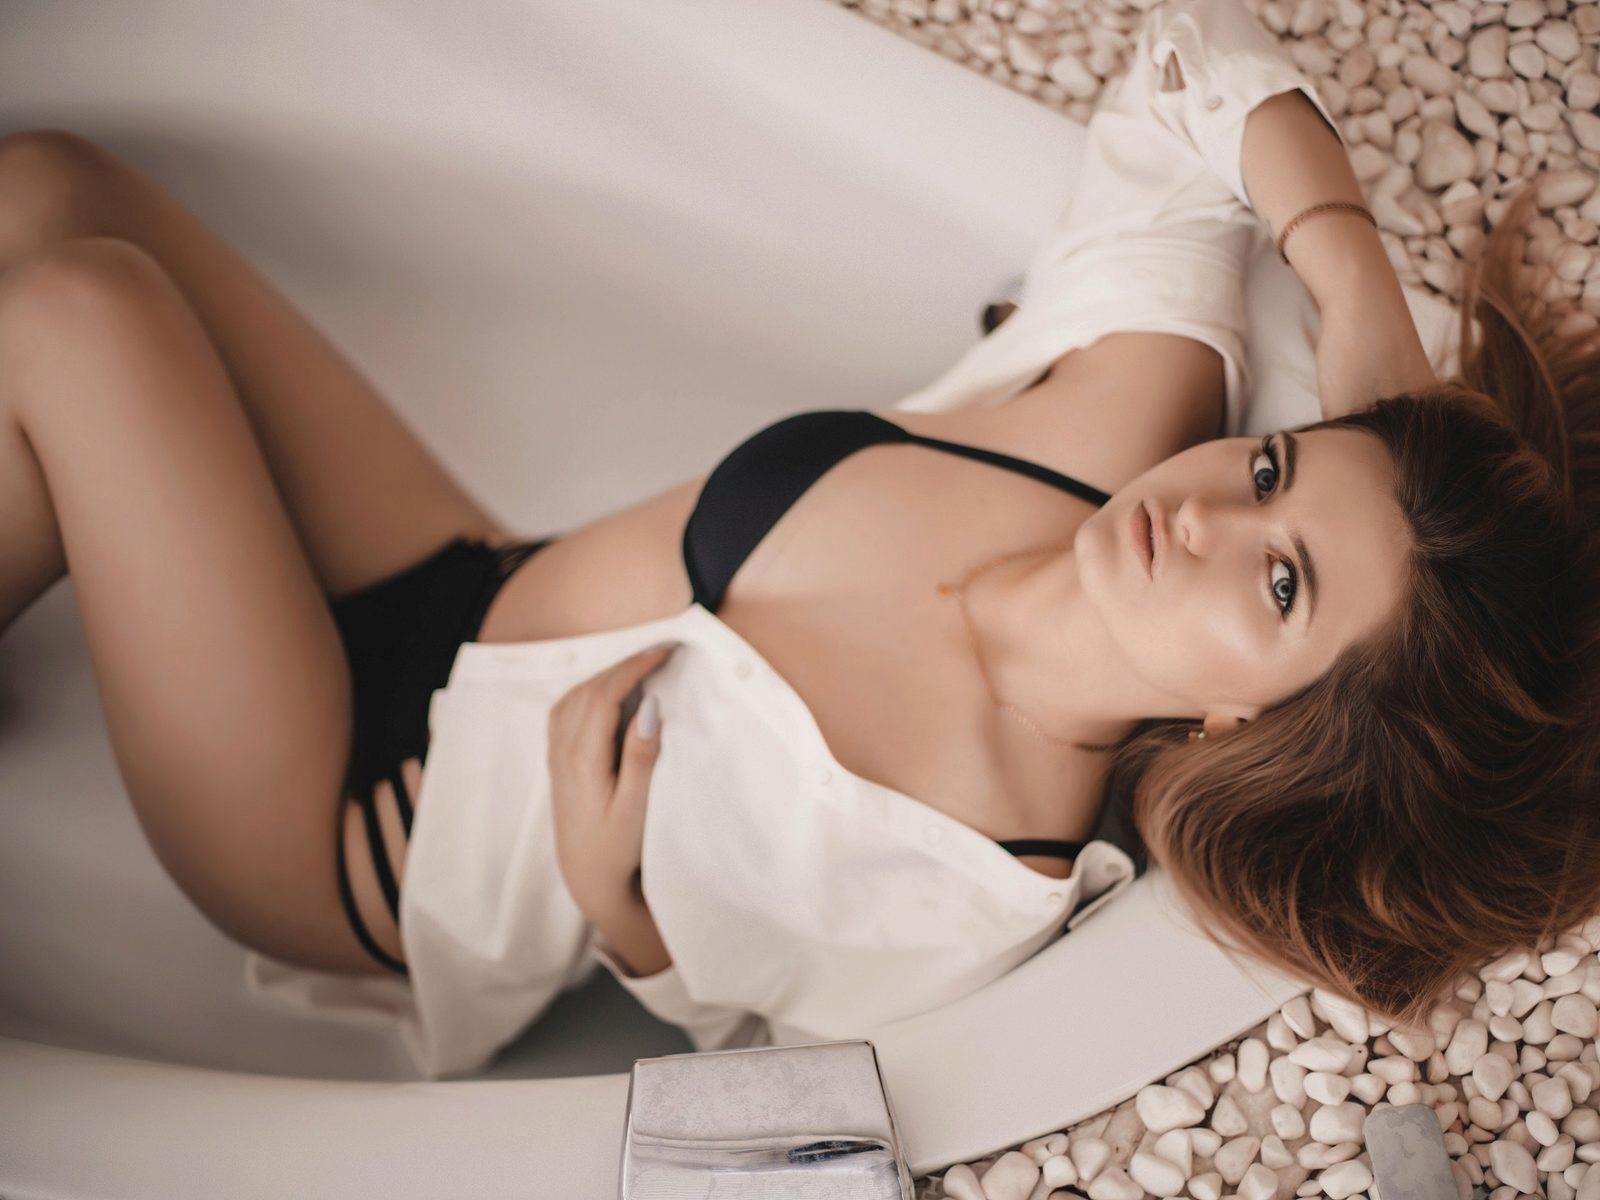 Naomi Shyy